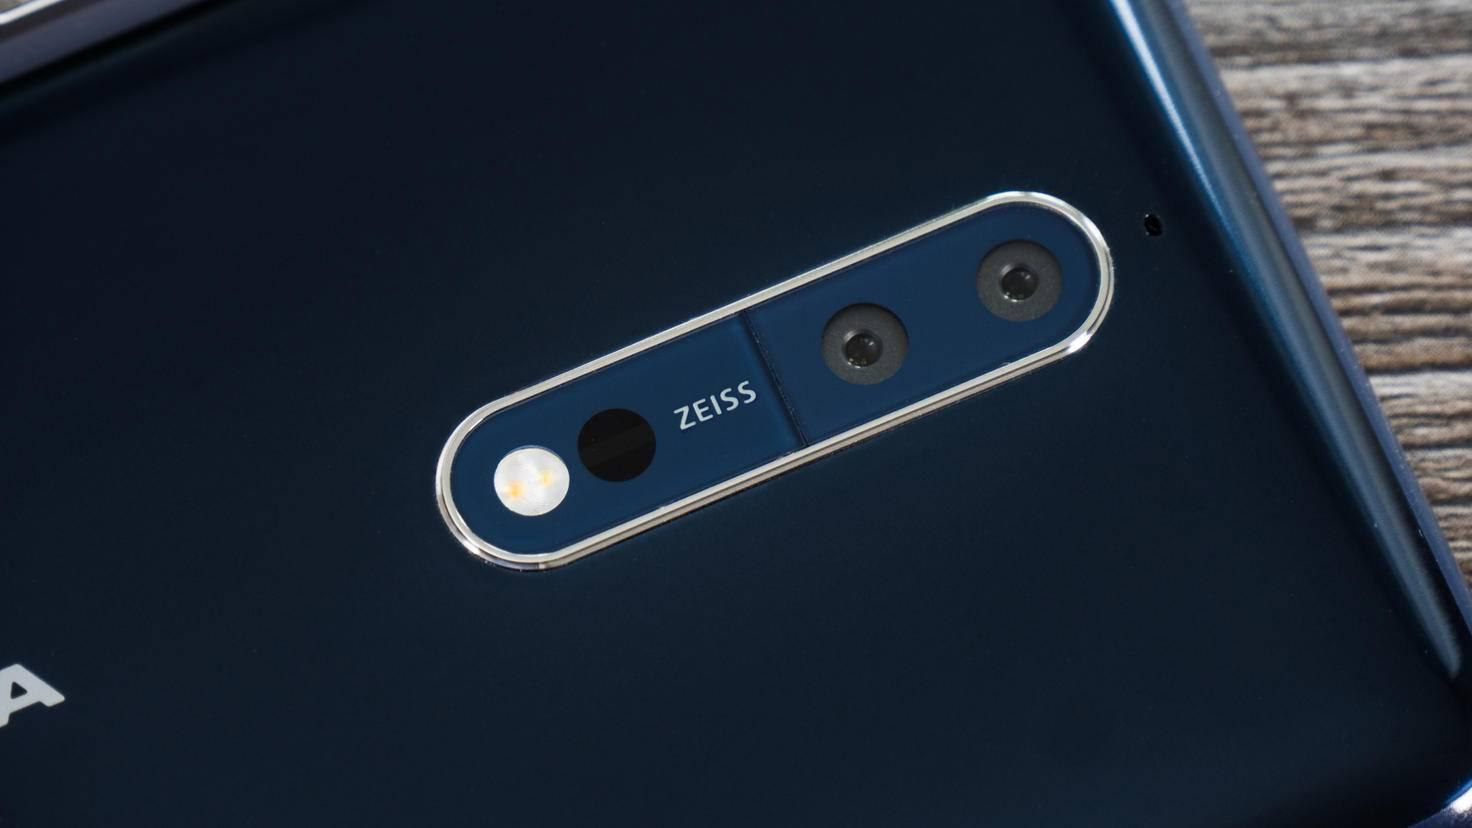 Nokia-8-05-170822